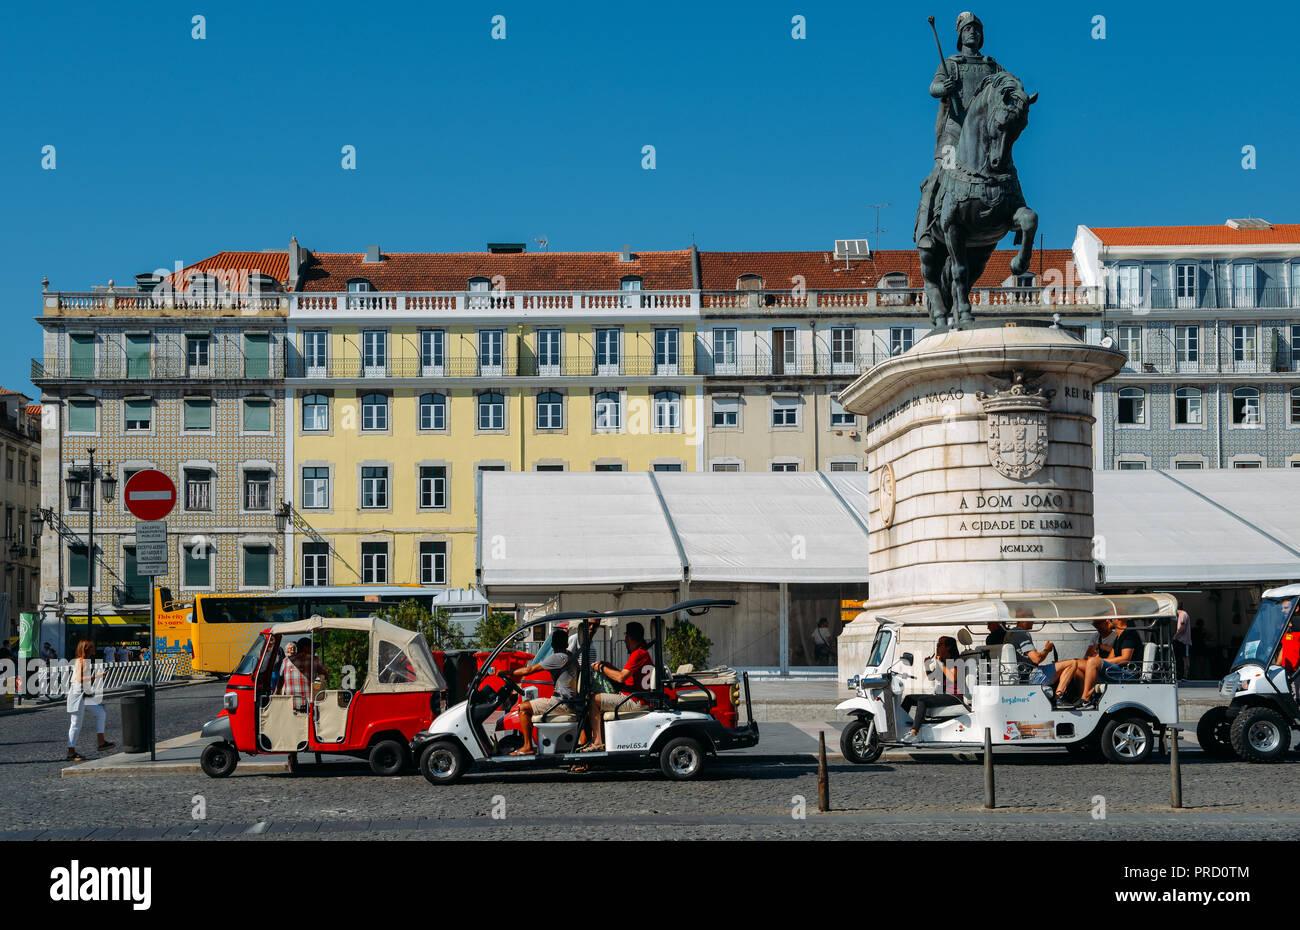 Lissabon, Portugal - Sept 23, 2018: Die Statue von König João I in Figueira Platz in Lissabon, Portugal. Im thailändischen Stil tuk tuks für Touristische Verkehrsmittel verwendet Stockbild